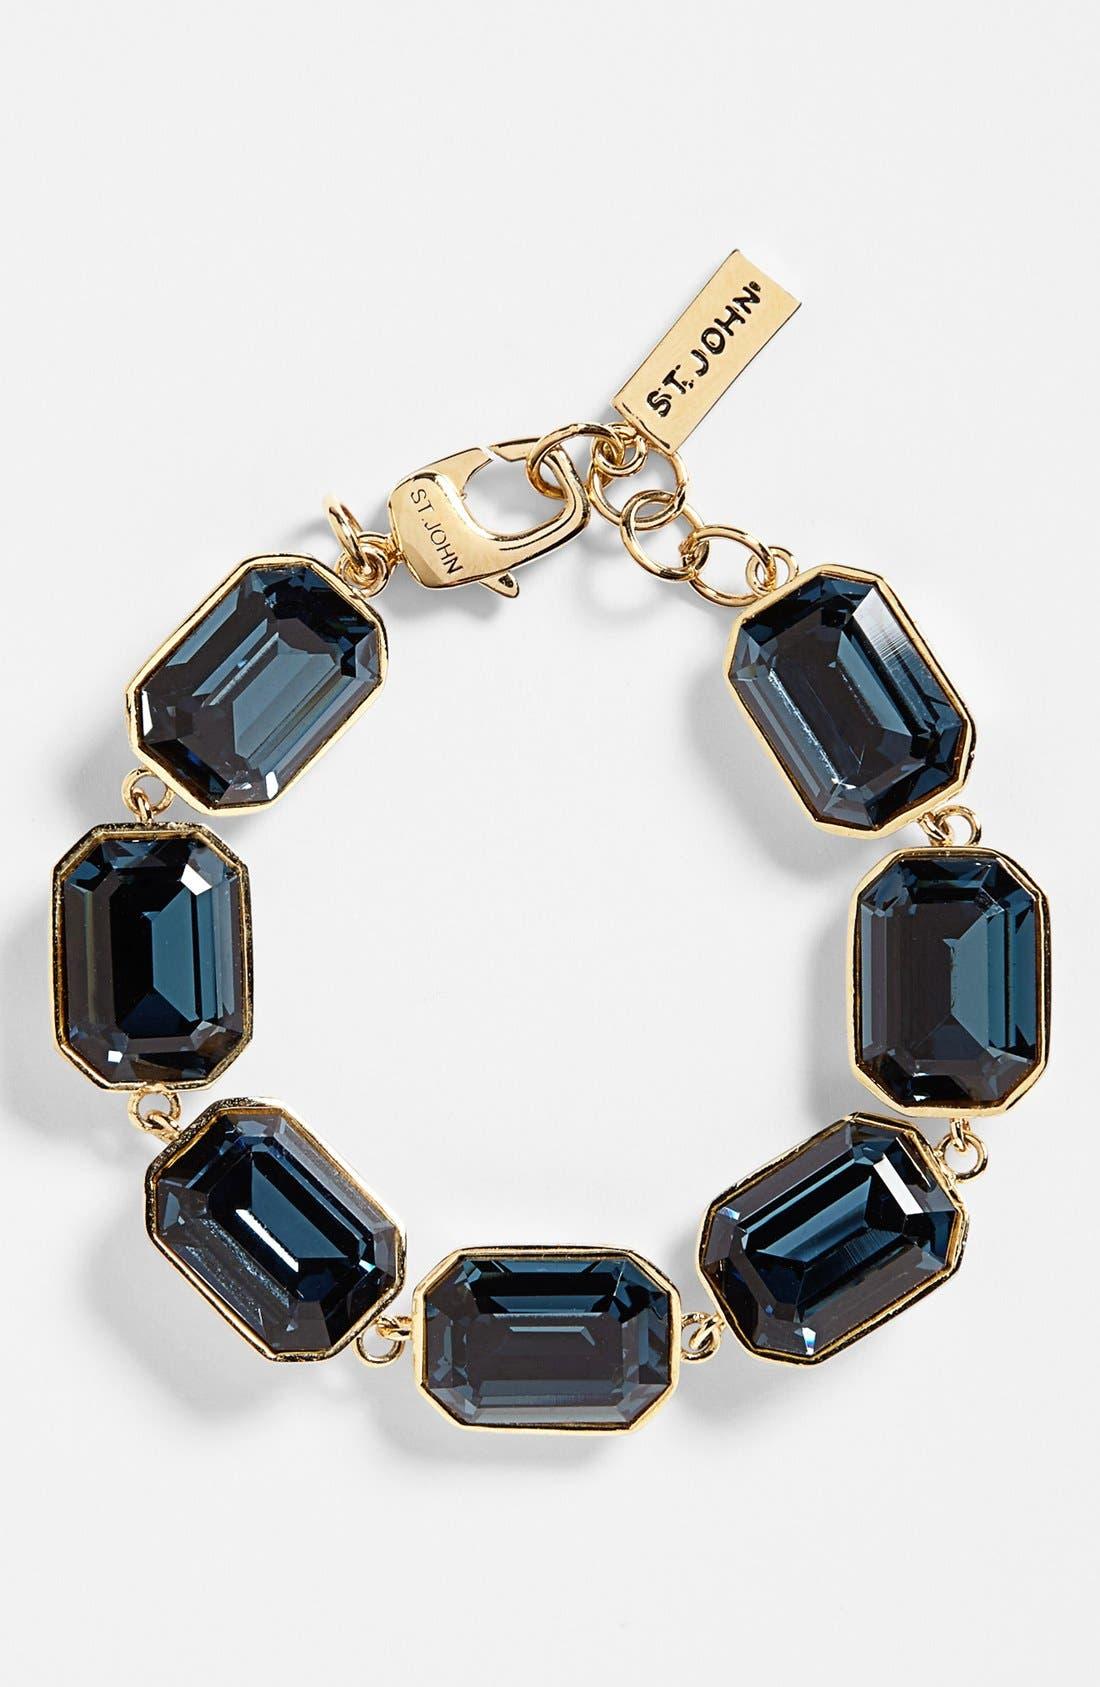 Alternate Image 1 Selected - St. John Collection Crystal Station Line Bracelet